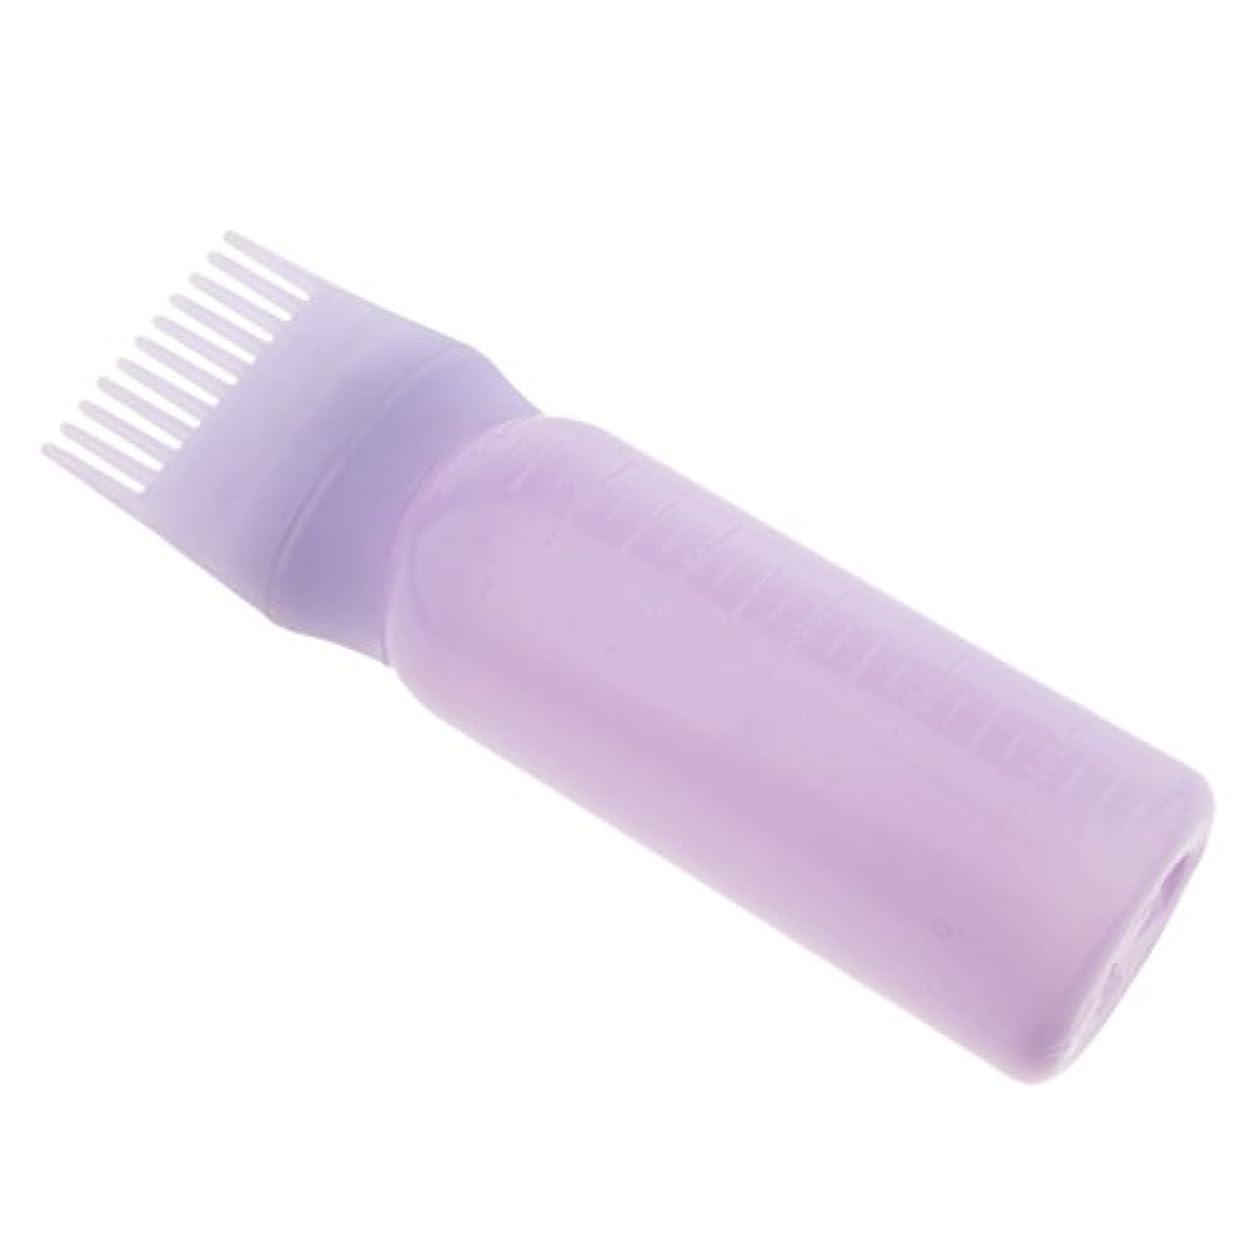 チャーミング復活する市町村ヘアダイ ヘアカラー ボトル コーム ディスペンサー ブラシ付き 2タイプ選べる - 紫